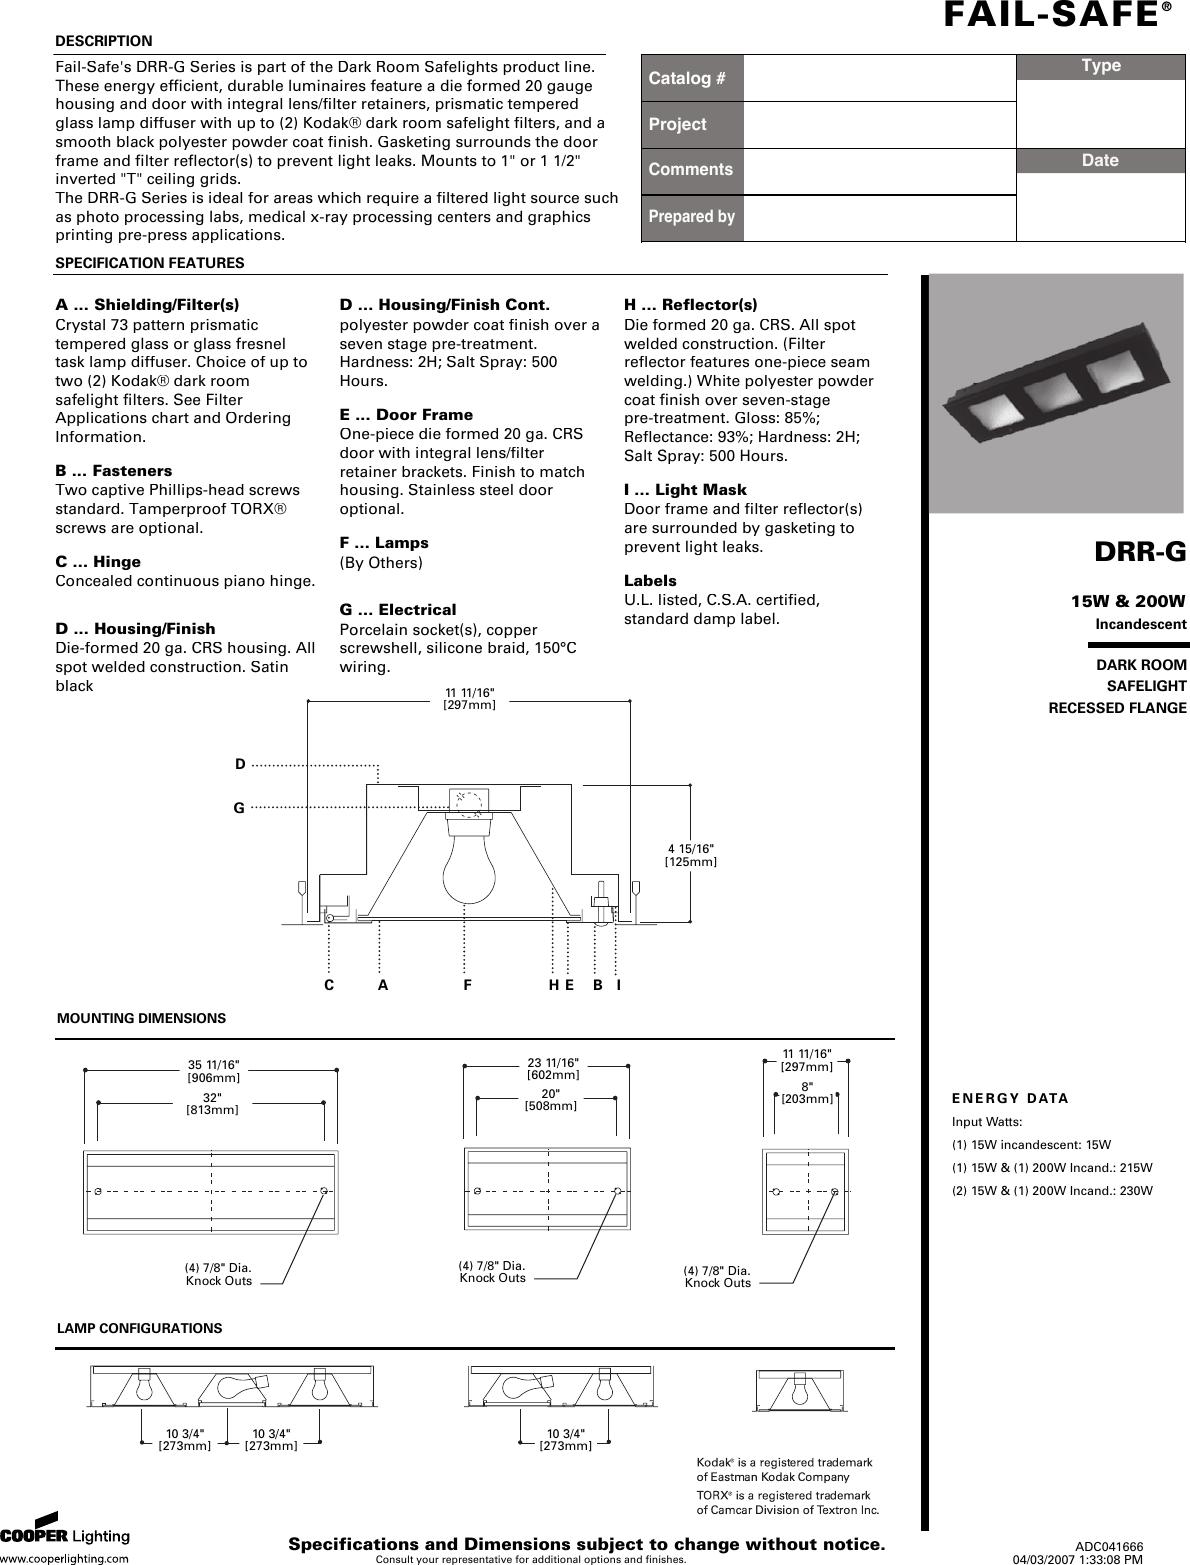 Cooper Lighting Fail Safe Drr G Users